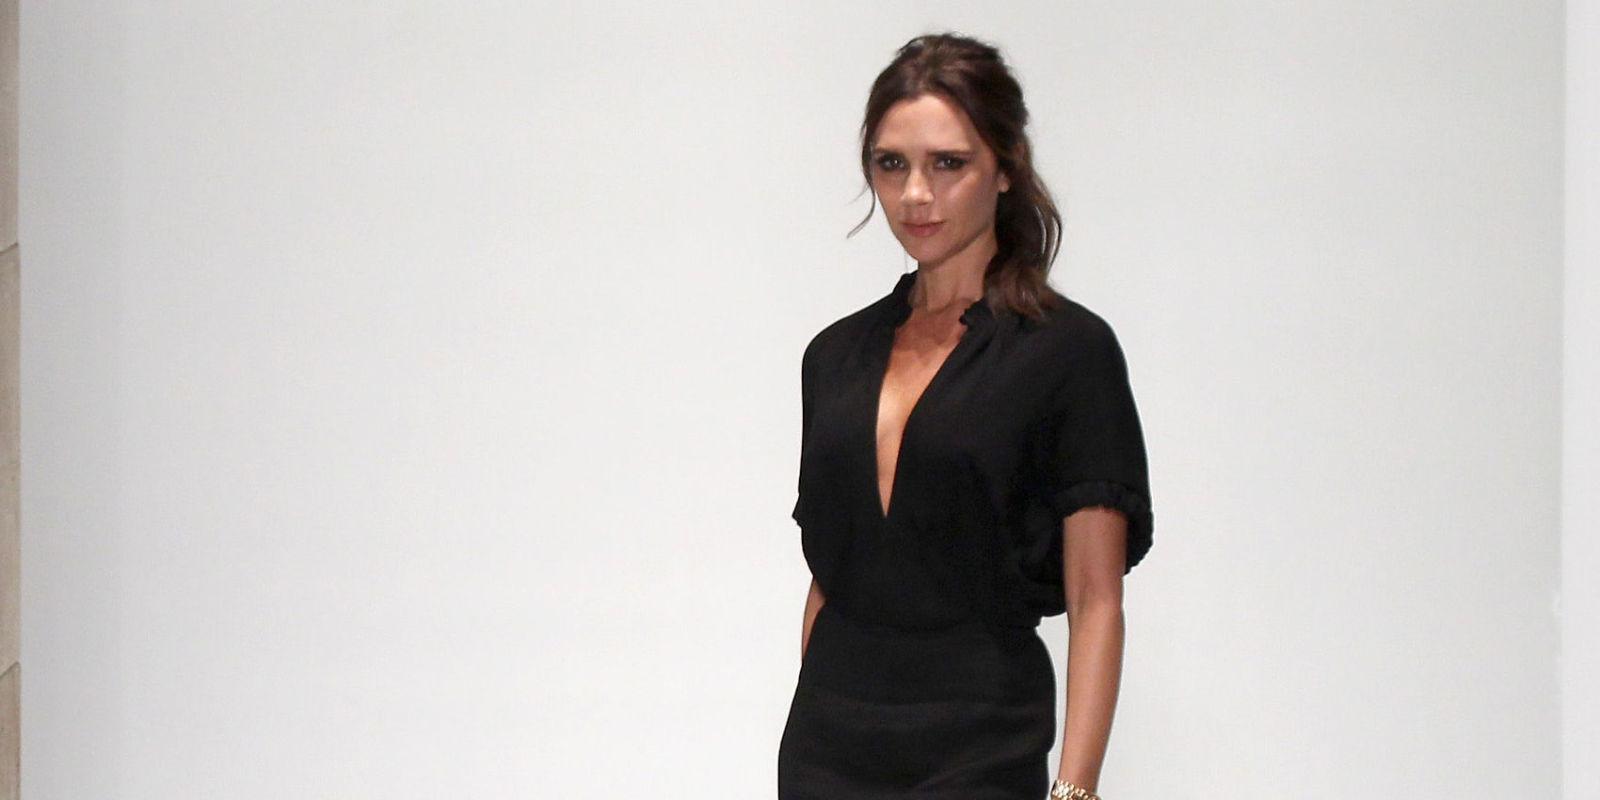 Victoria Beckham Gets Slammed for Using Too-Skinny Models